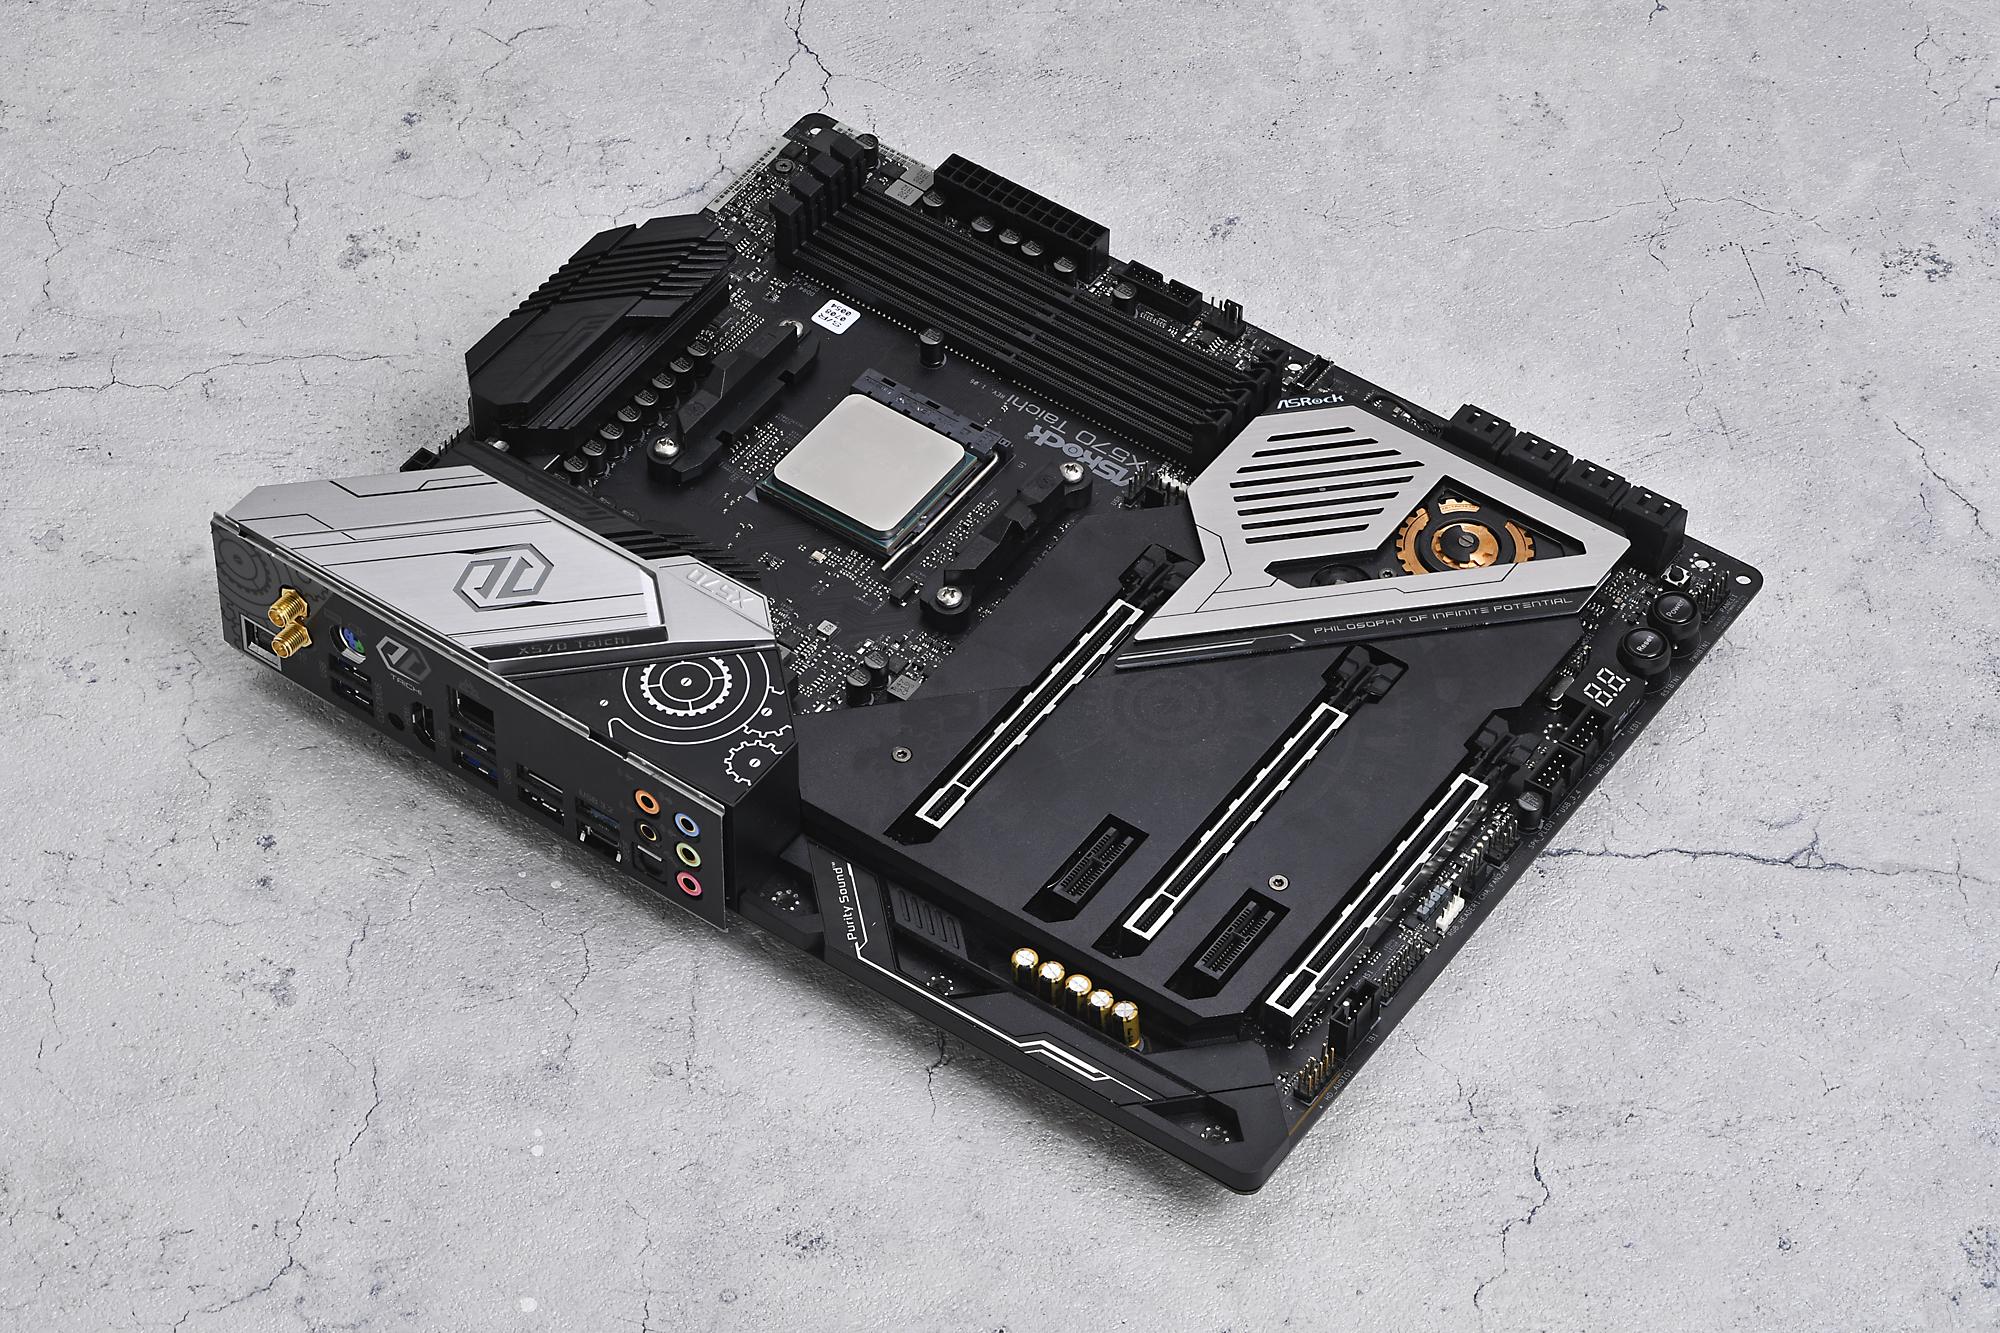 CPUは2020年下期の大注目製品であるAMDのRyzen 5900Xを使用。マザーボードはASRockのX570 Taichiを用意した